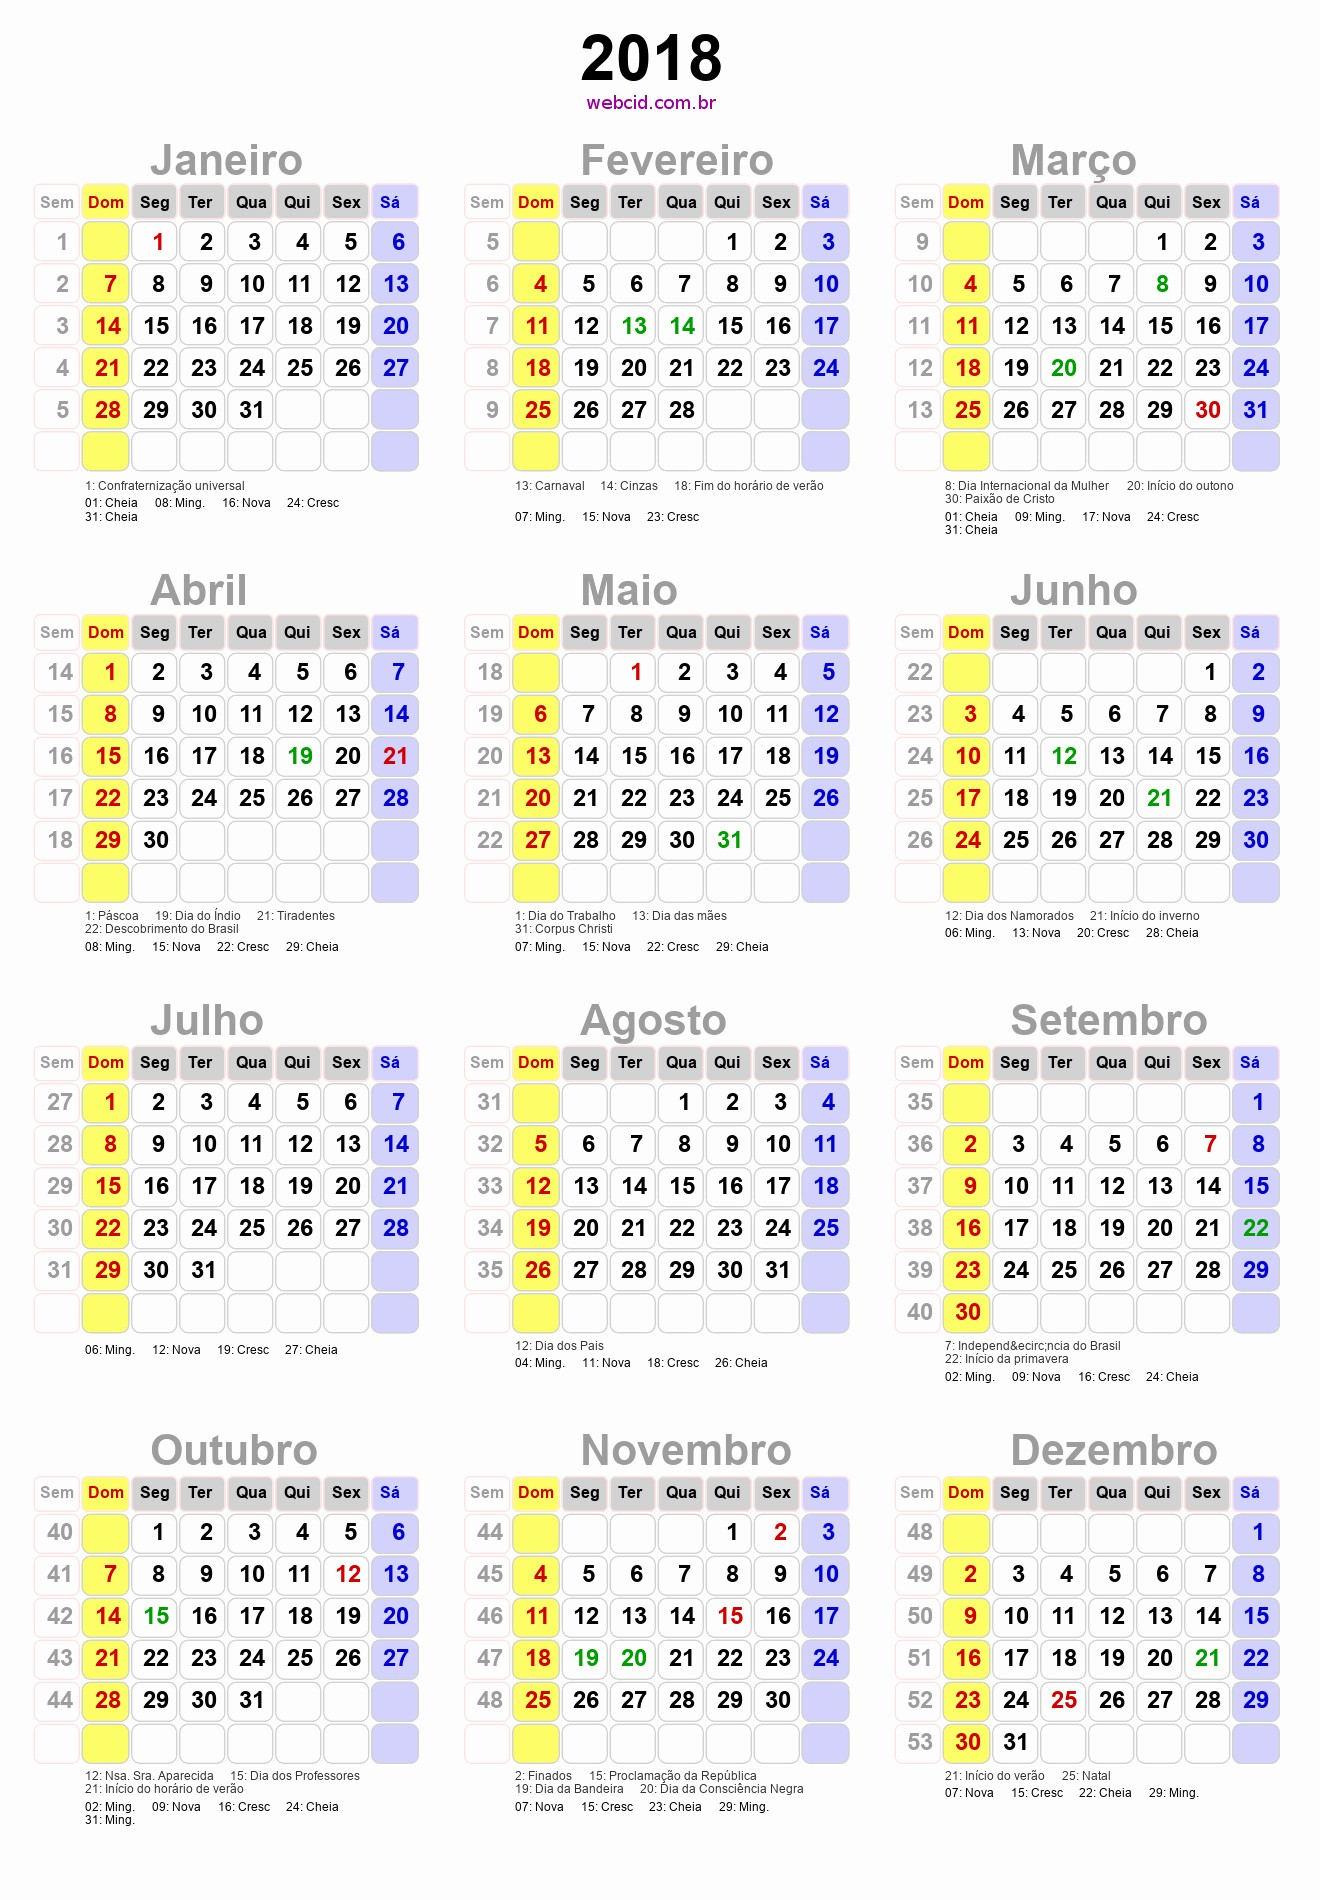 Calendario Escolar 2018 Y 2019 Sep Pdf Más Reciente Fresh 44 Ejemplos Calendario De Las 13 Lunas 2019 Of Calendario Escolar 2018 Y 2019 Sep Pdf Actual Inspiraci³n 33 Ilustraci³n Calendario Escolar San Sebastian De Los